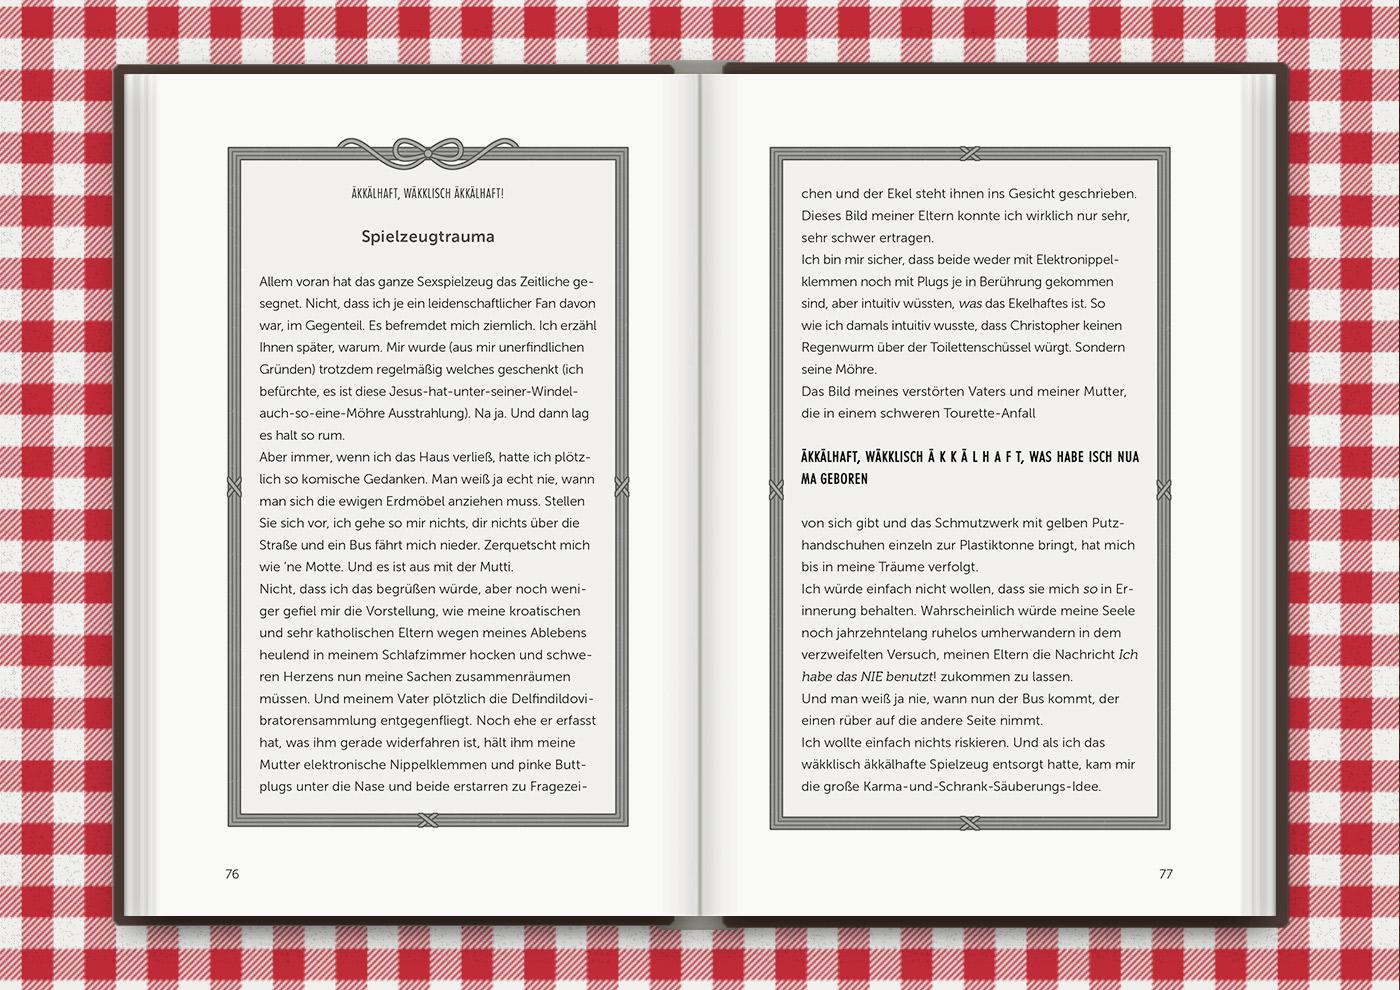 Illustrierte Textrahmen mit Schleifchen für das Buch Brauchsu keine Doktor, brauchsu nur diese Buch – Die Balkantherapie für Liebe, Leib und Leben von Mimi Fiedler im MVG Verlag